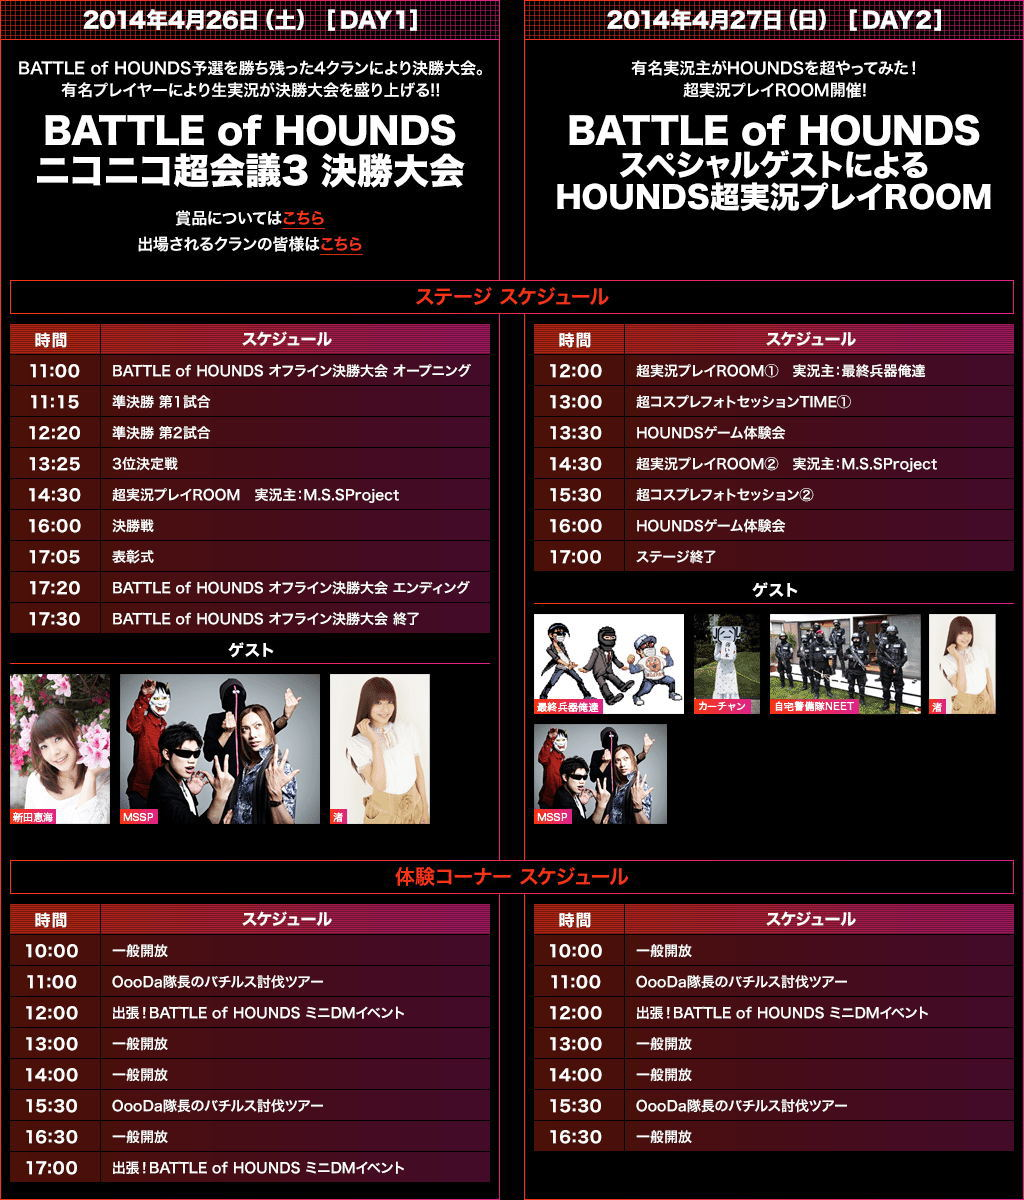 『HOUNDS:ハウンズ) 『BATTLR of HOUNDSニコニコ超会議3決勝大会』スケジュール画像